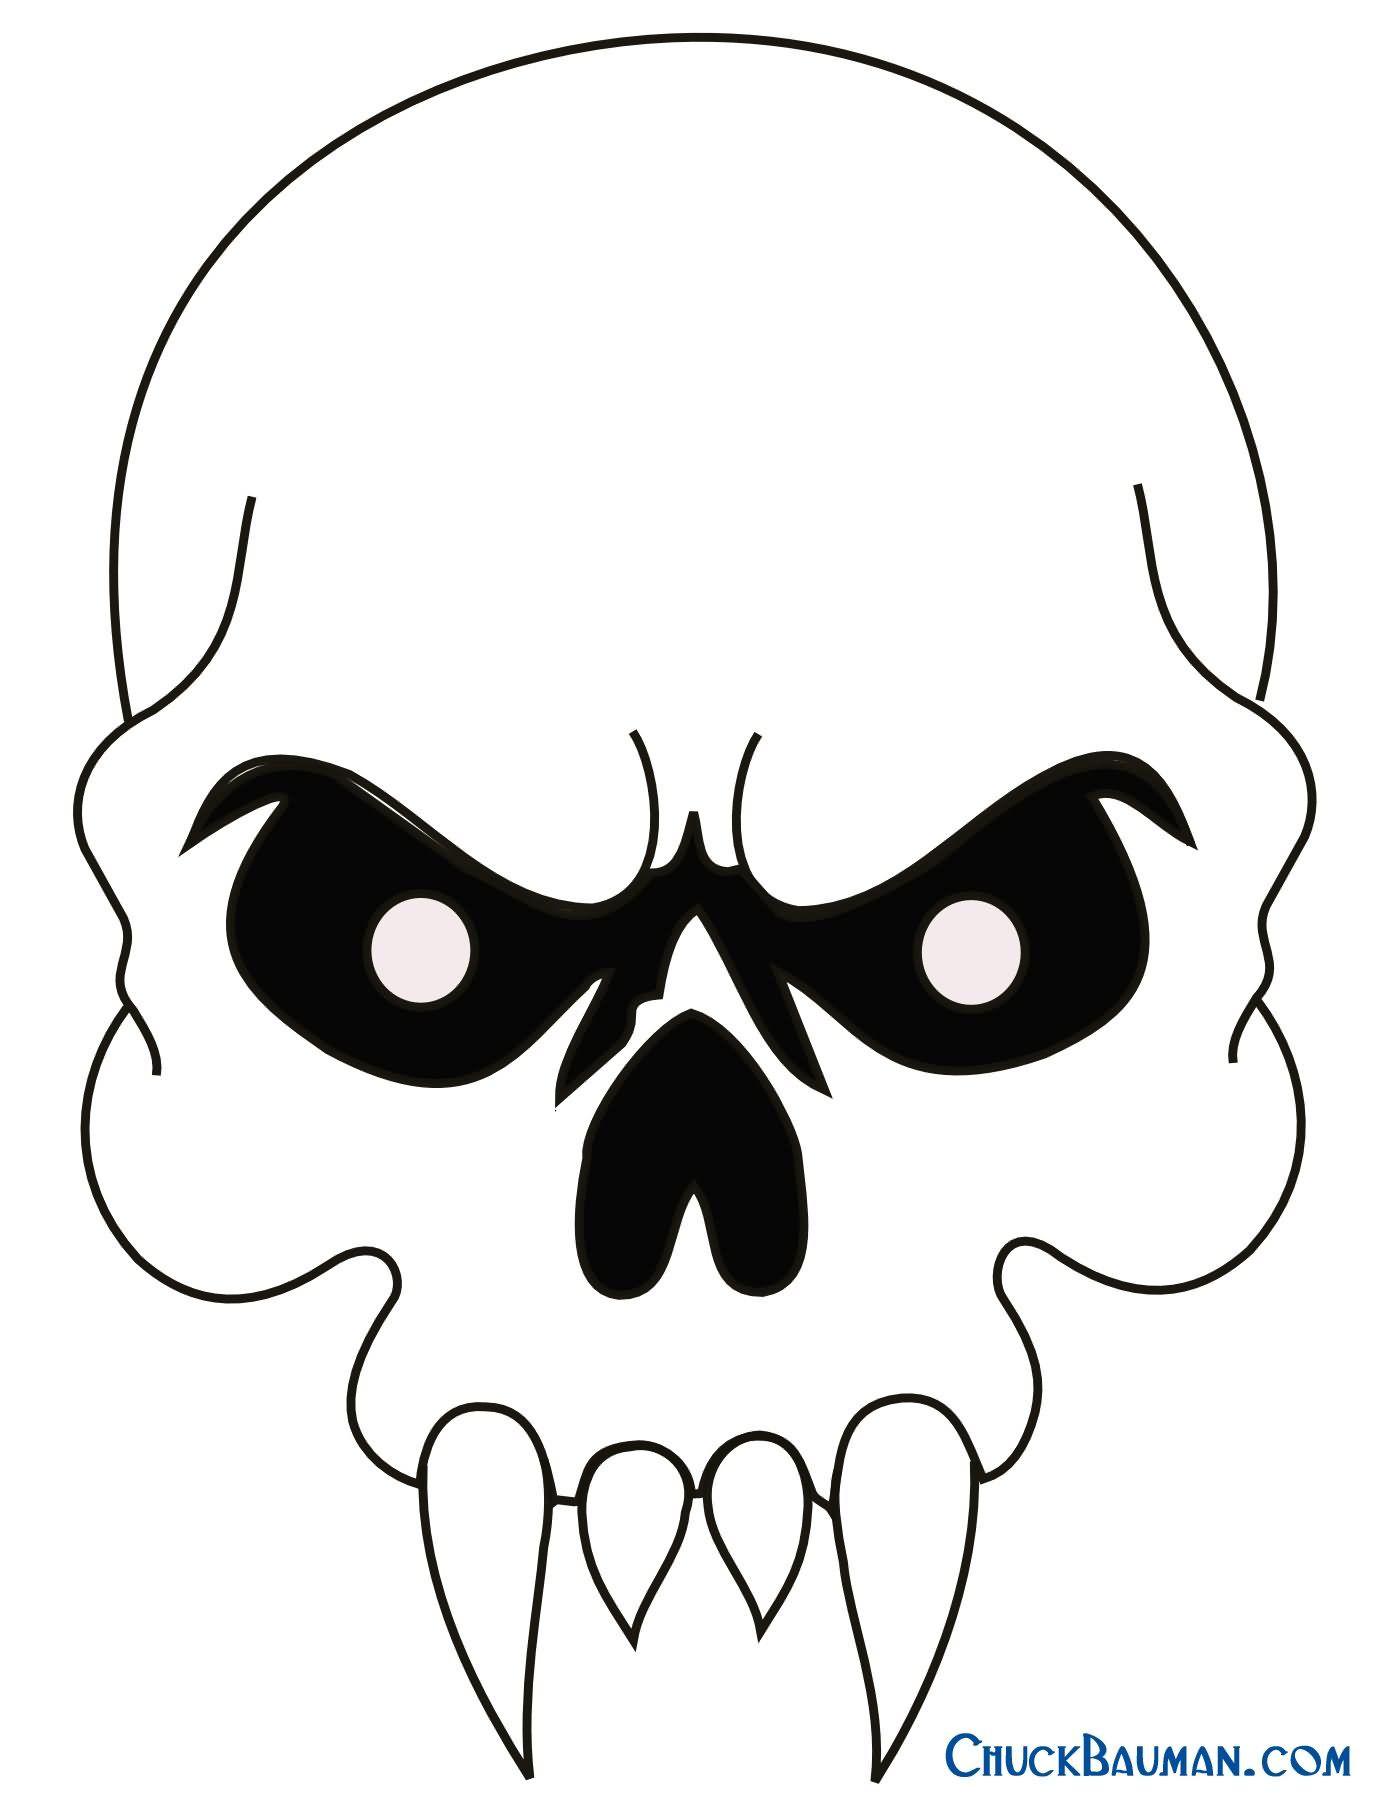 Simple Black Outline Vampire Skull Tattoo Stencil Easy Skull Drawings Skulls Drawing Skull Stencil